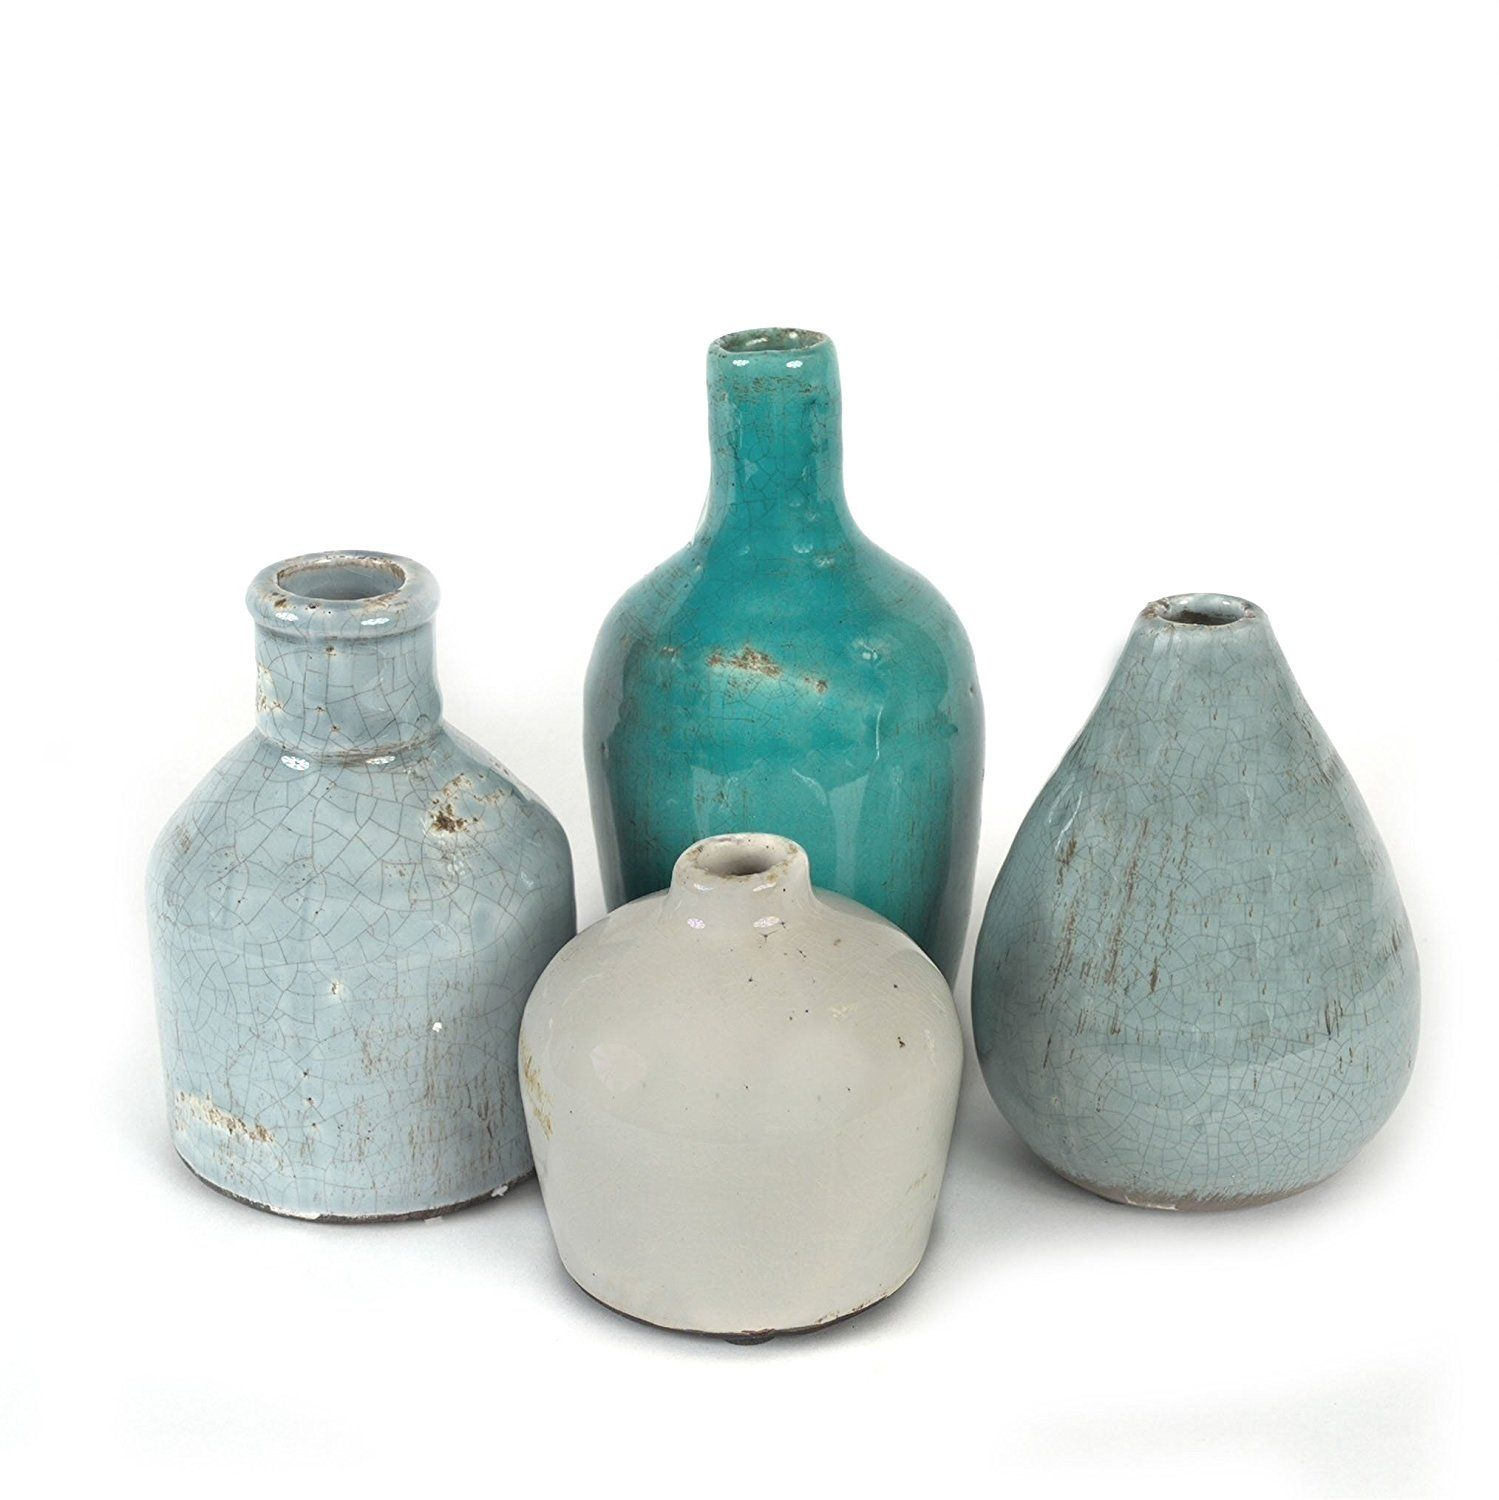 Amazon.com: Creative Co-Op DA1092 Terra Cotta Vase Set: Home ...